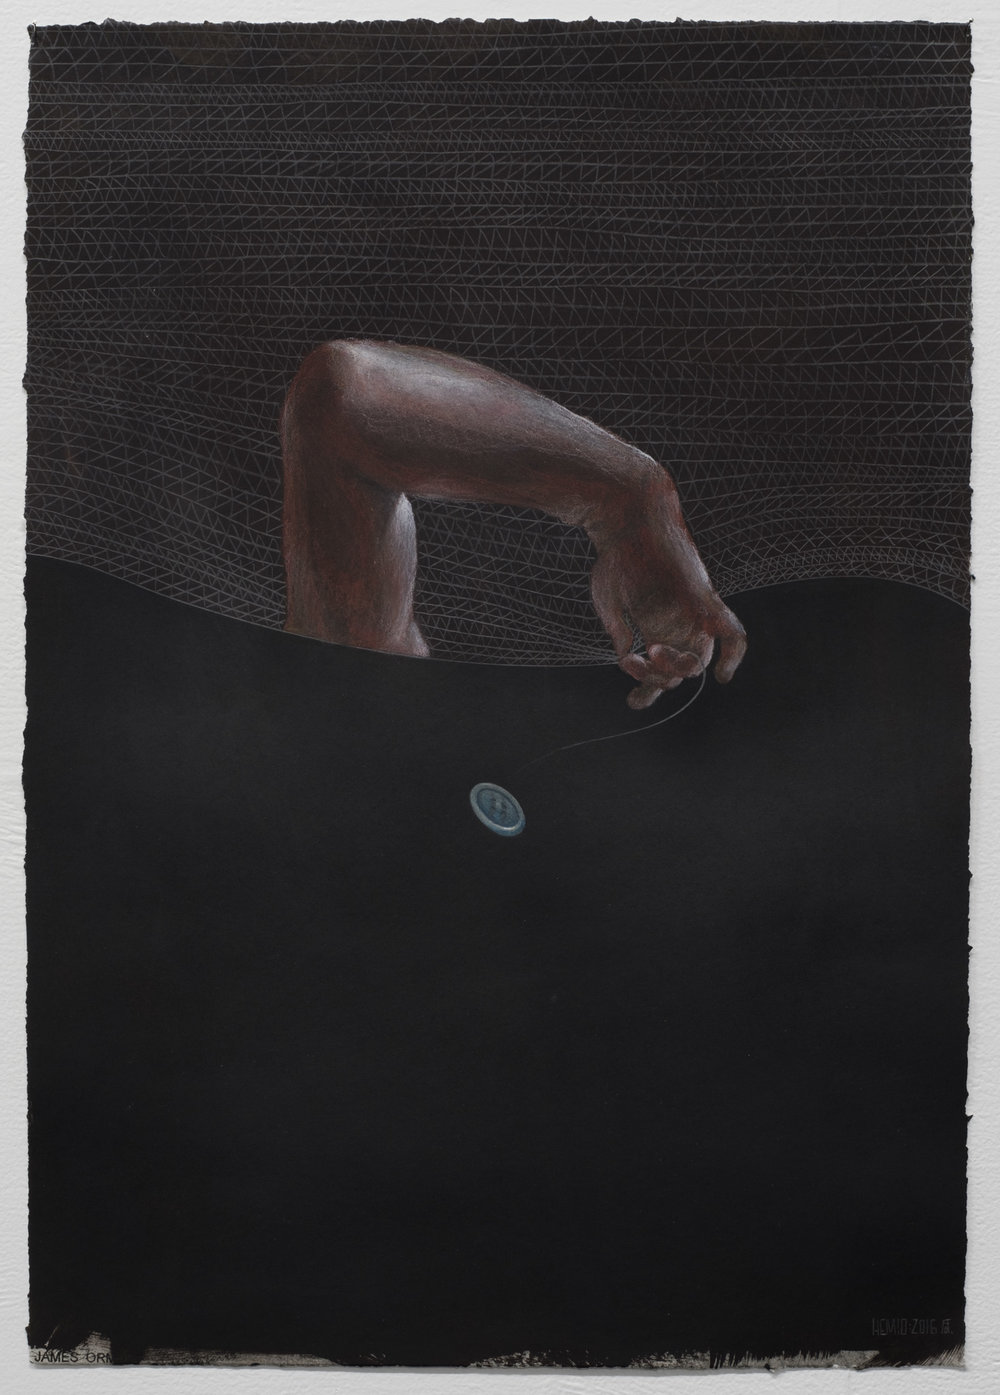 James Ormsby - Drawings-16.jpg